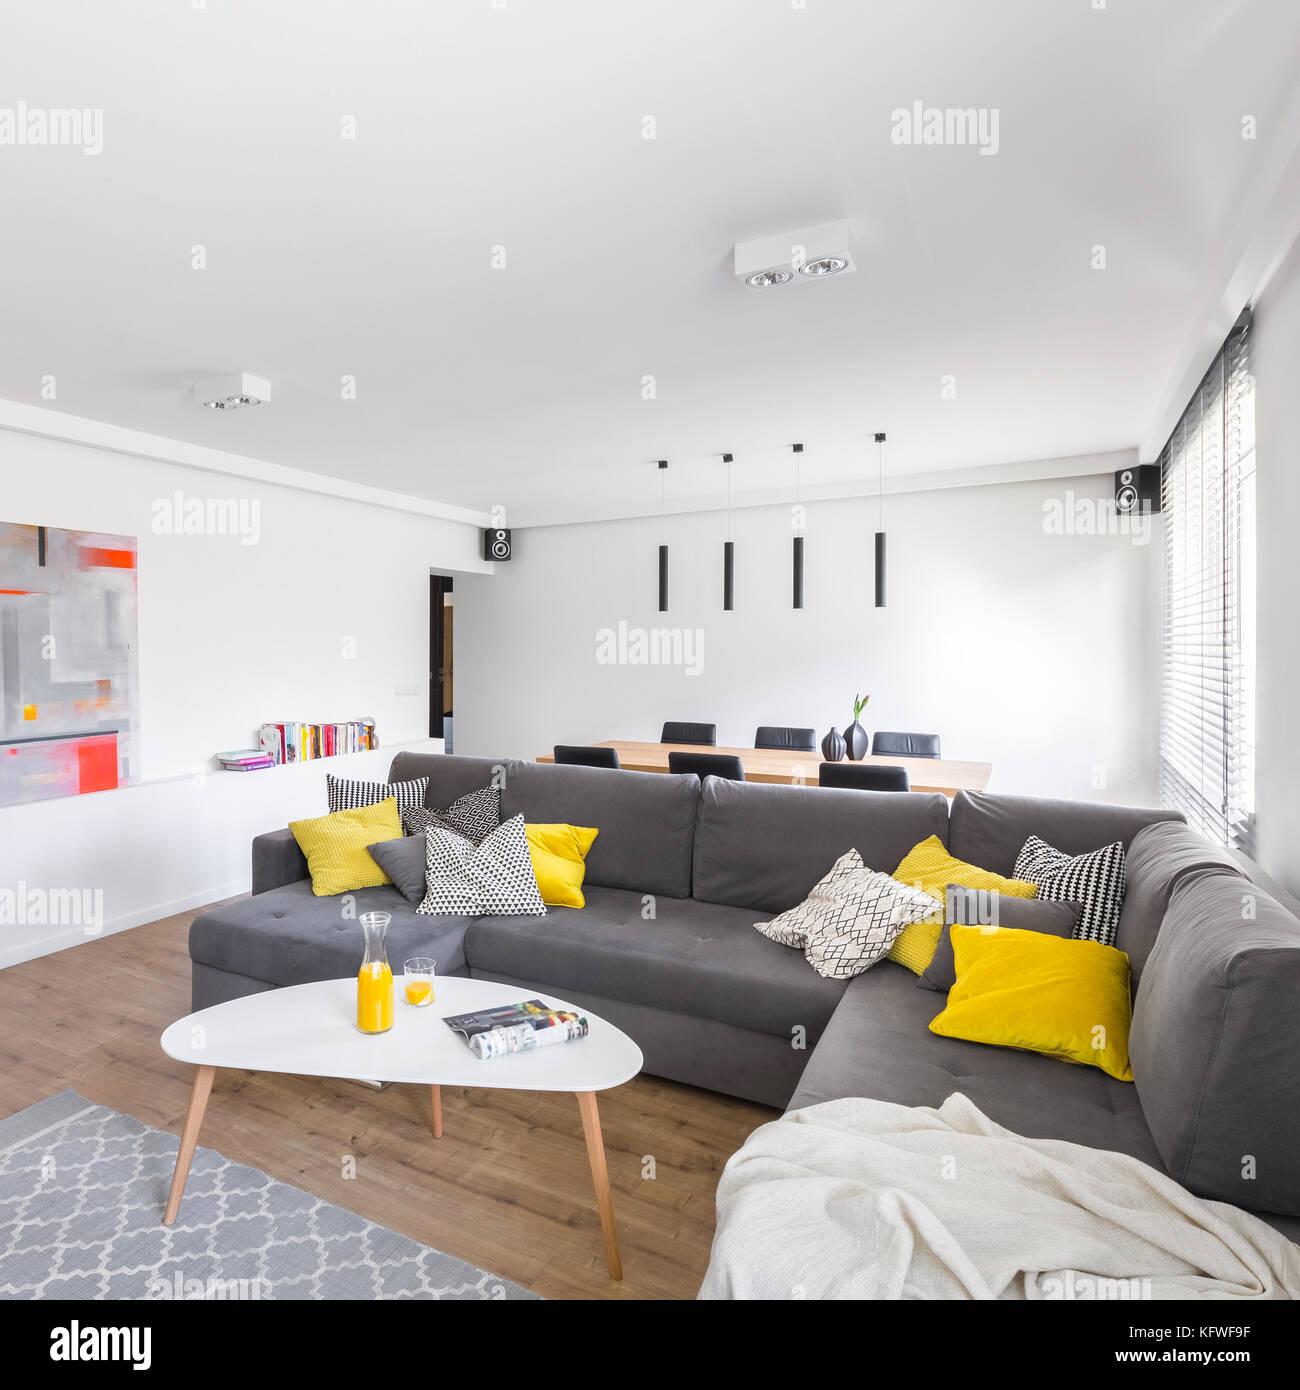 Genial Weißes Wohnzimmer Dekoration Von Modernes, Weißes Mit Extra Großen, Grauen Sofa